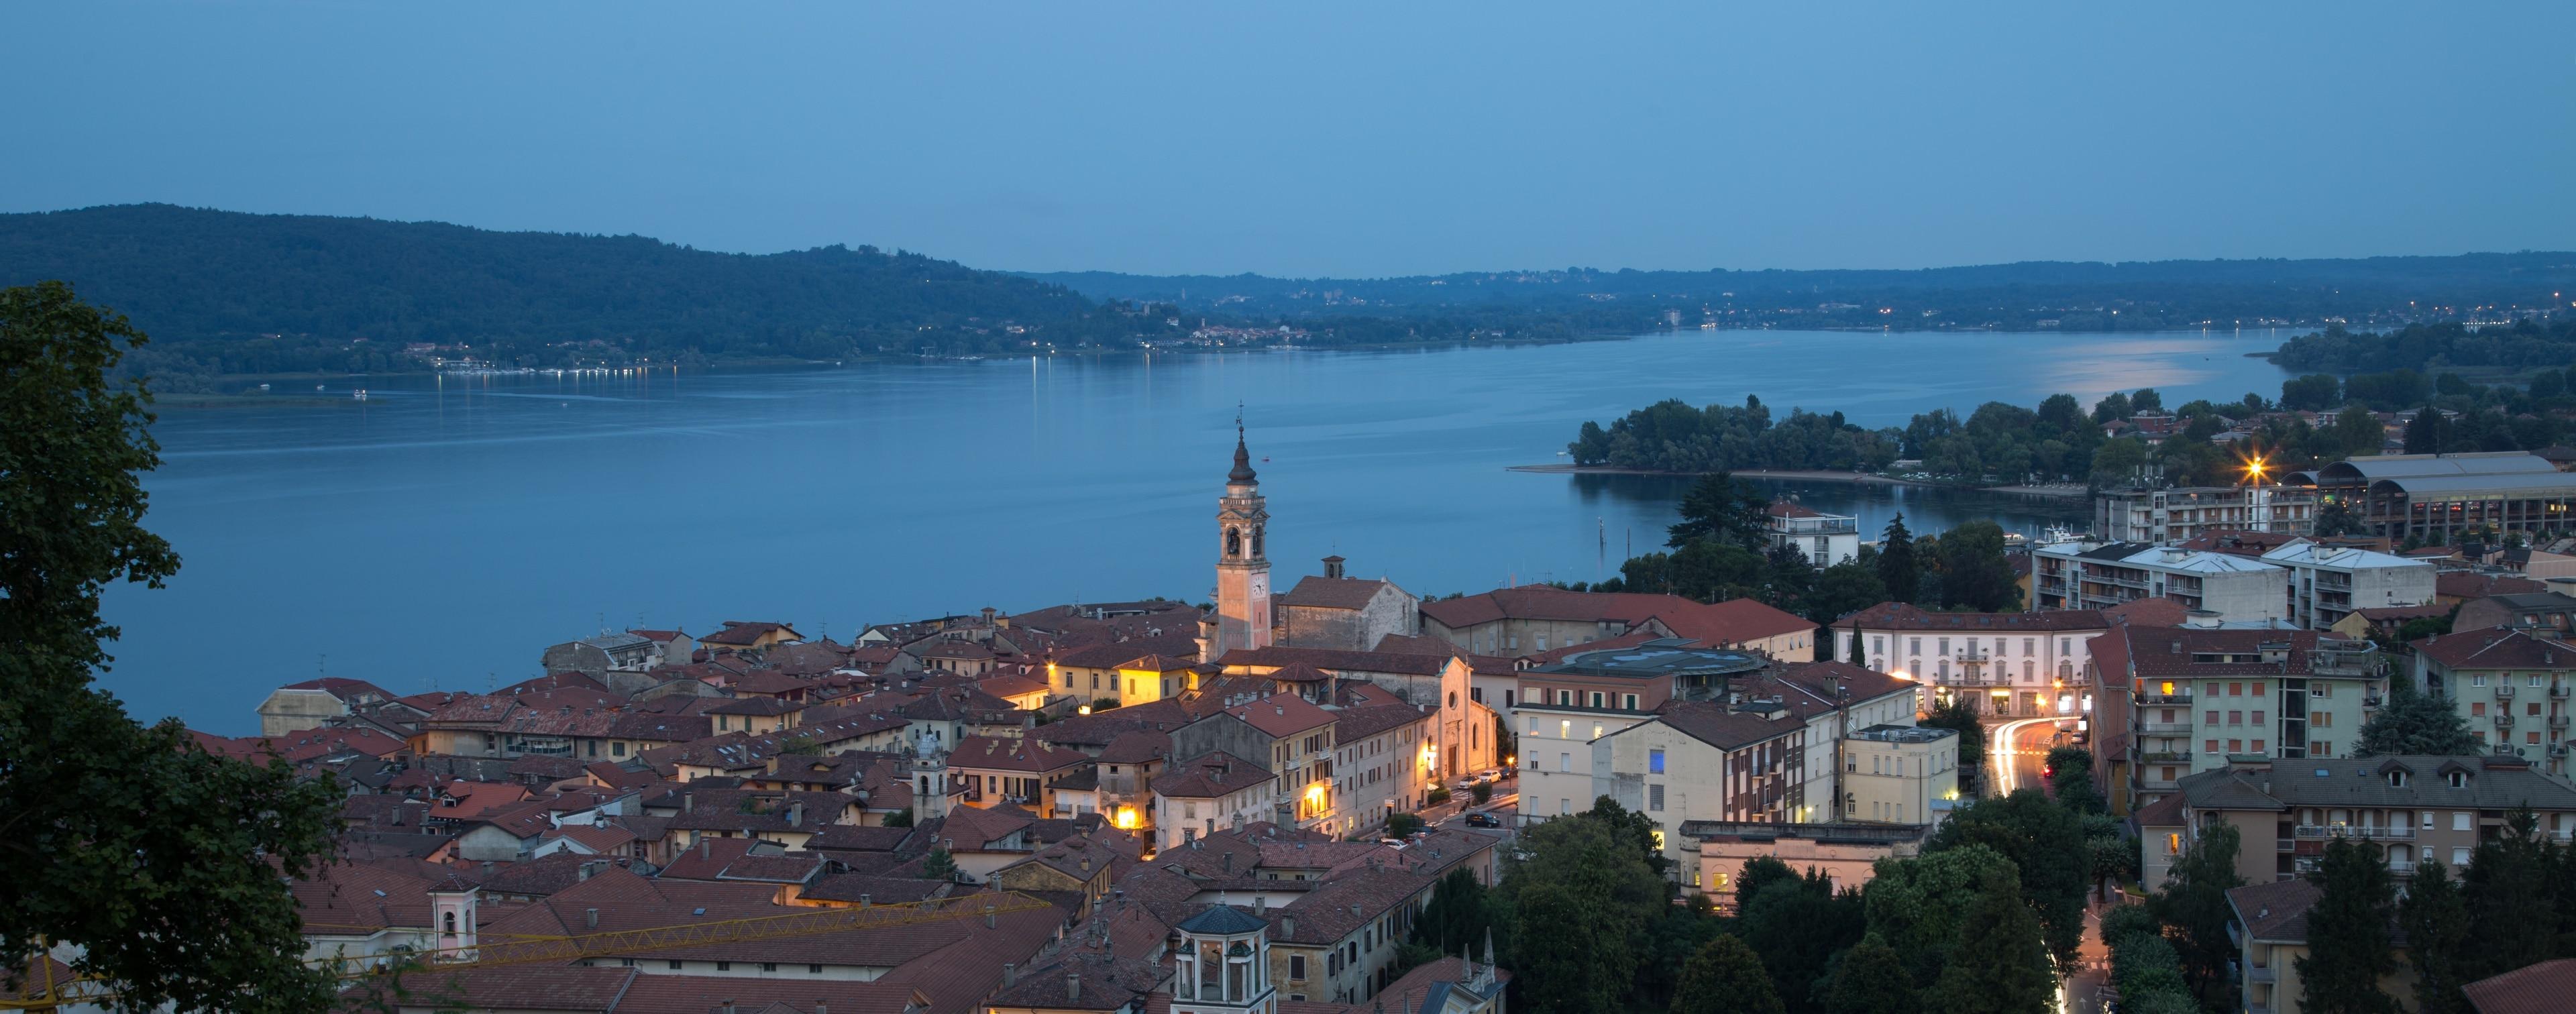 Arona, Piedmont, Italy